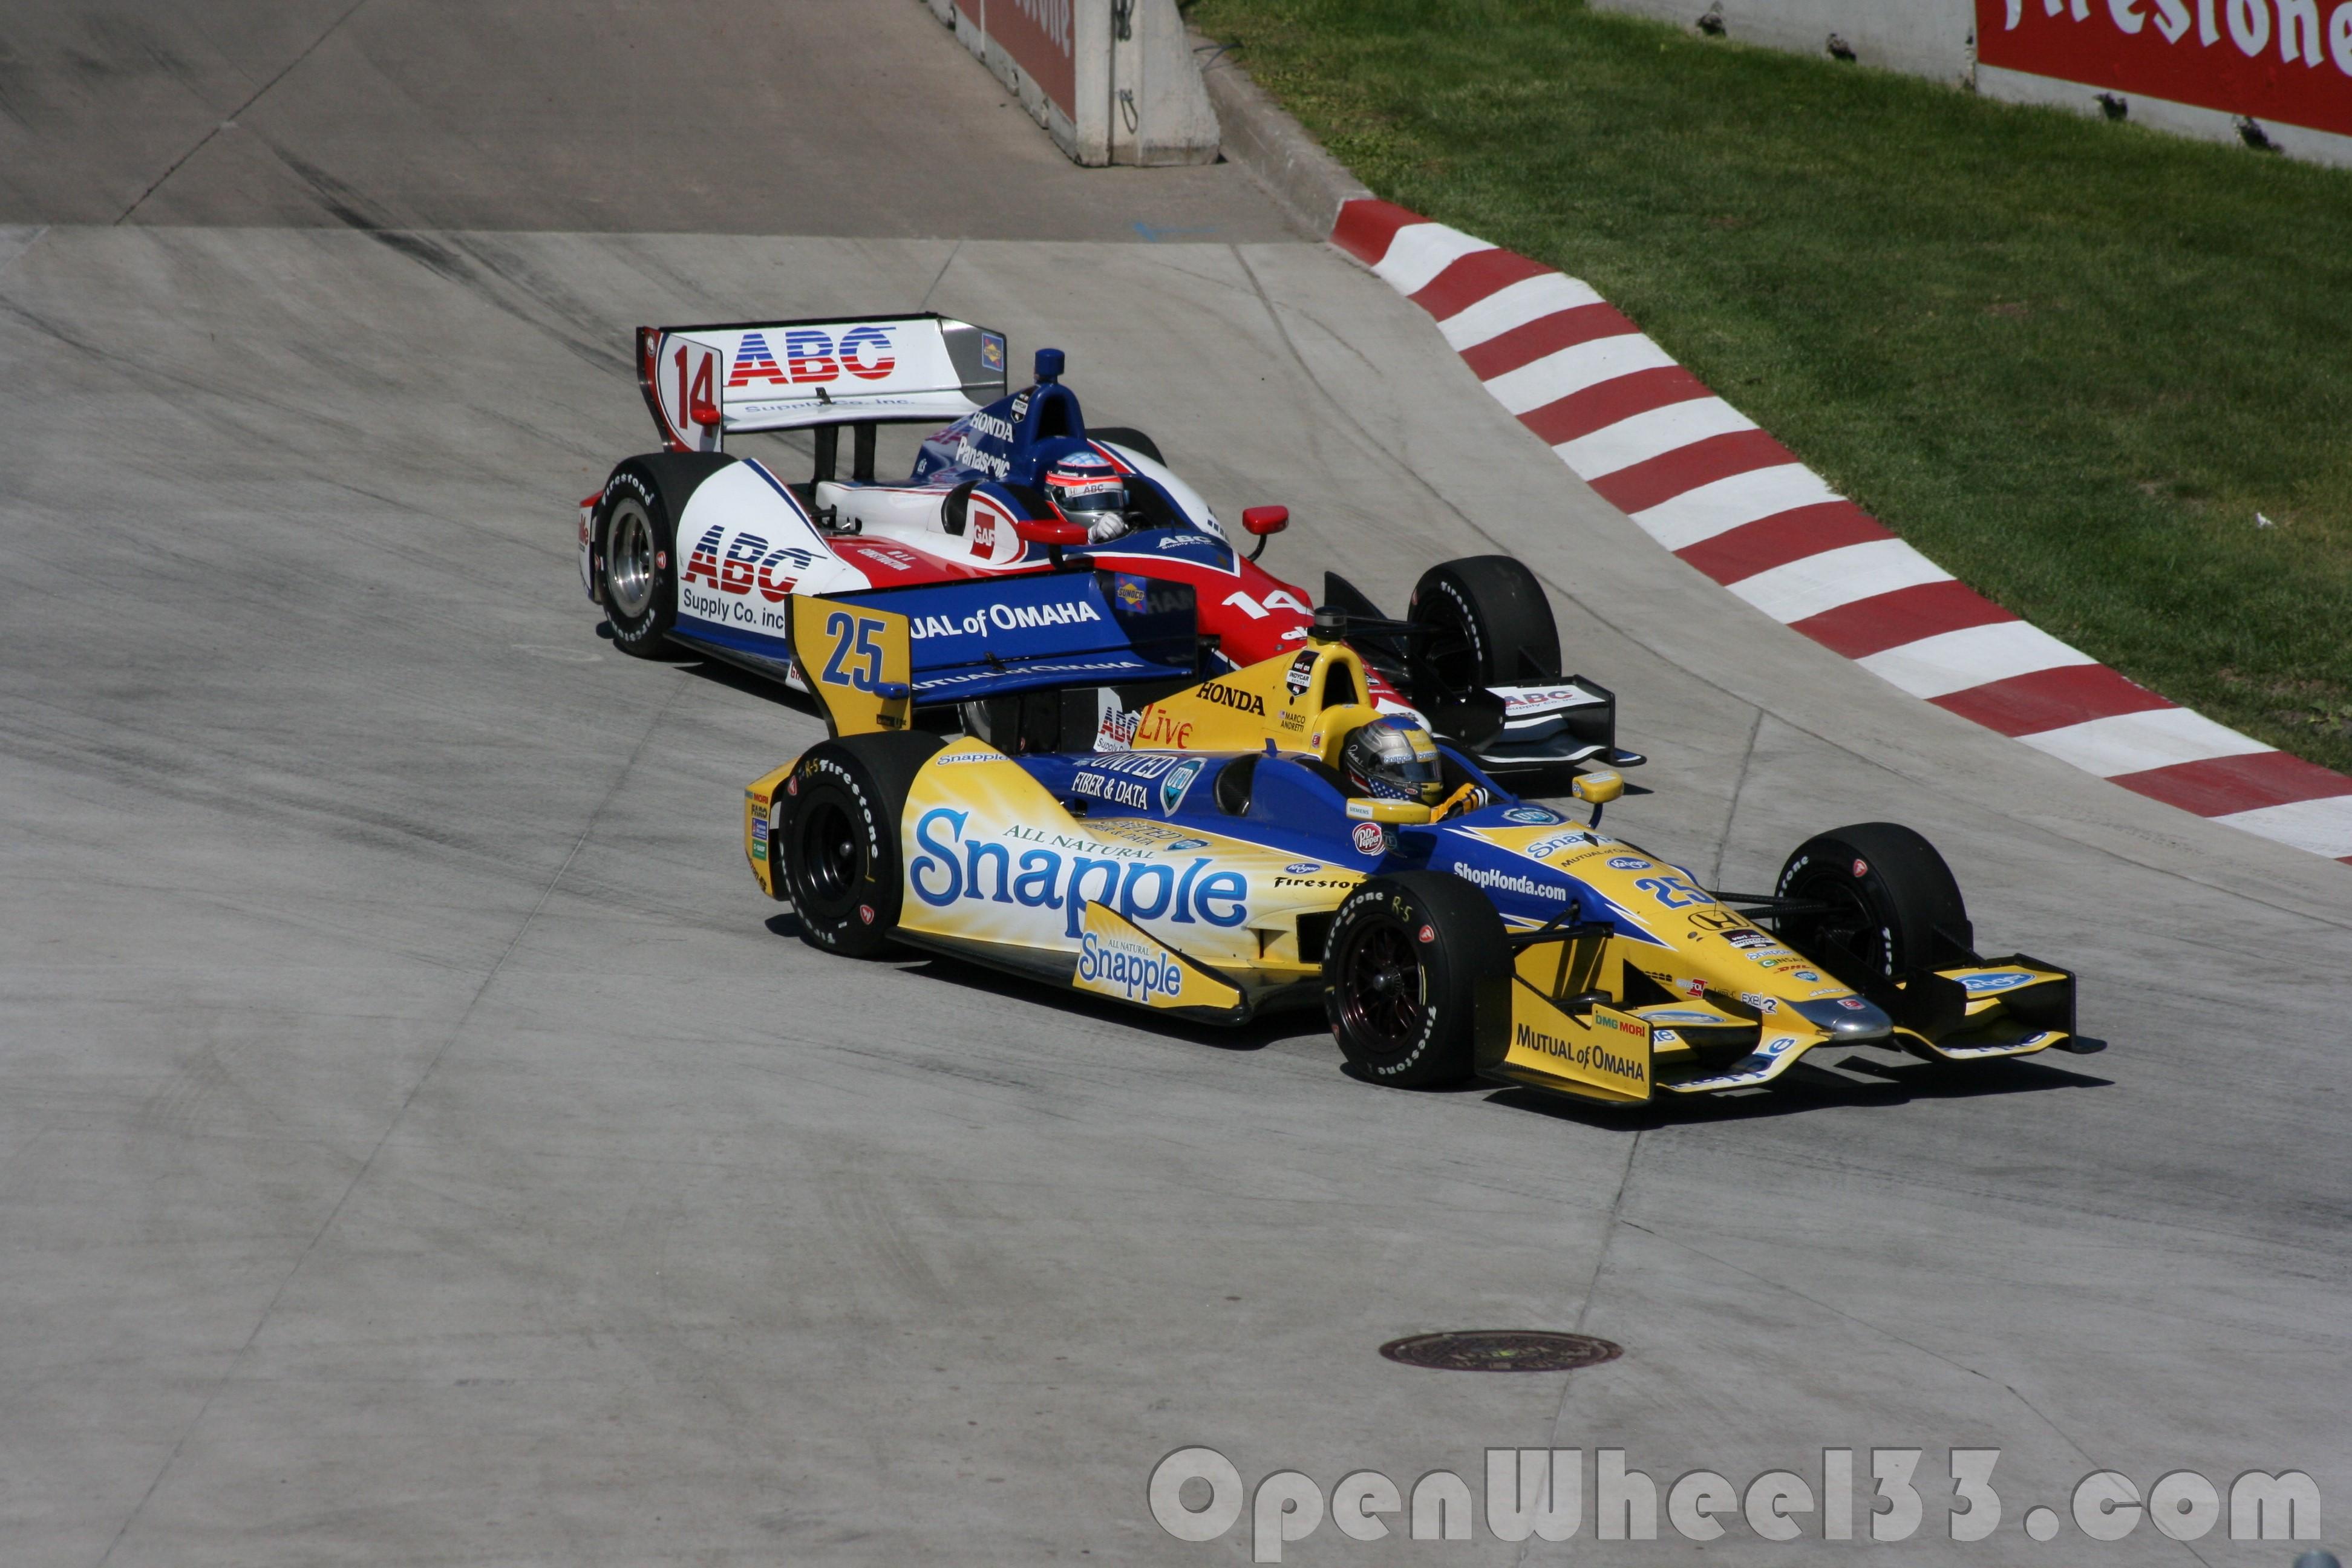 2014 Detroit GP R1 - 58 - PH